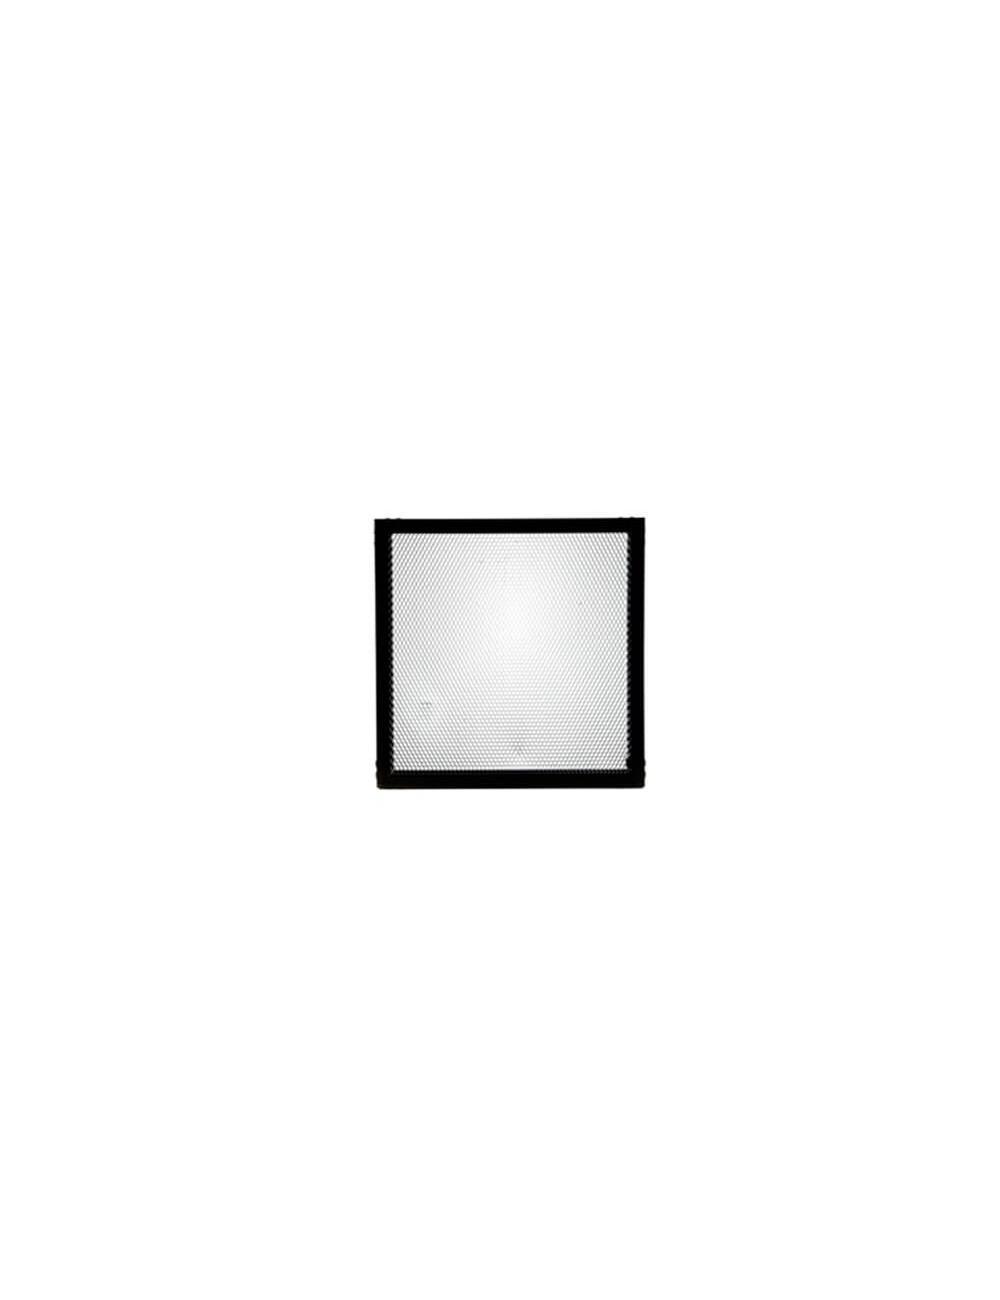 Litepanels - 1x1 Honeycomb Grid - 60 Degree